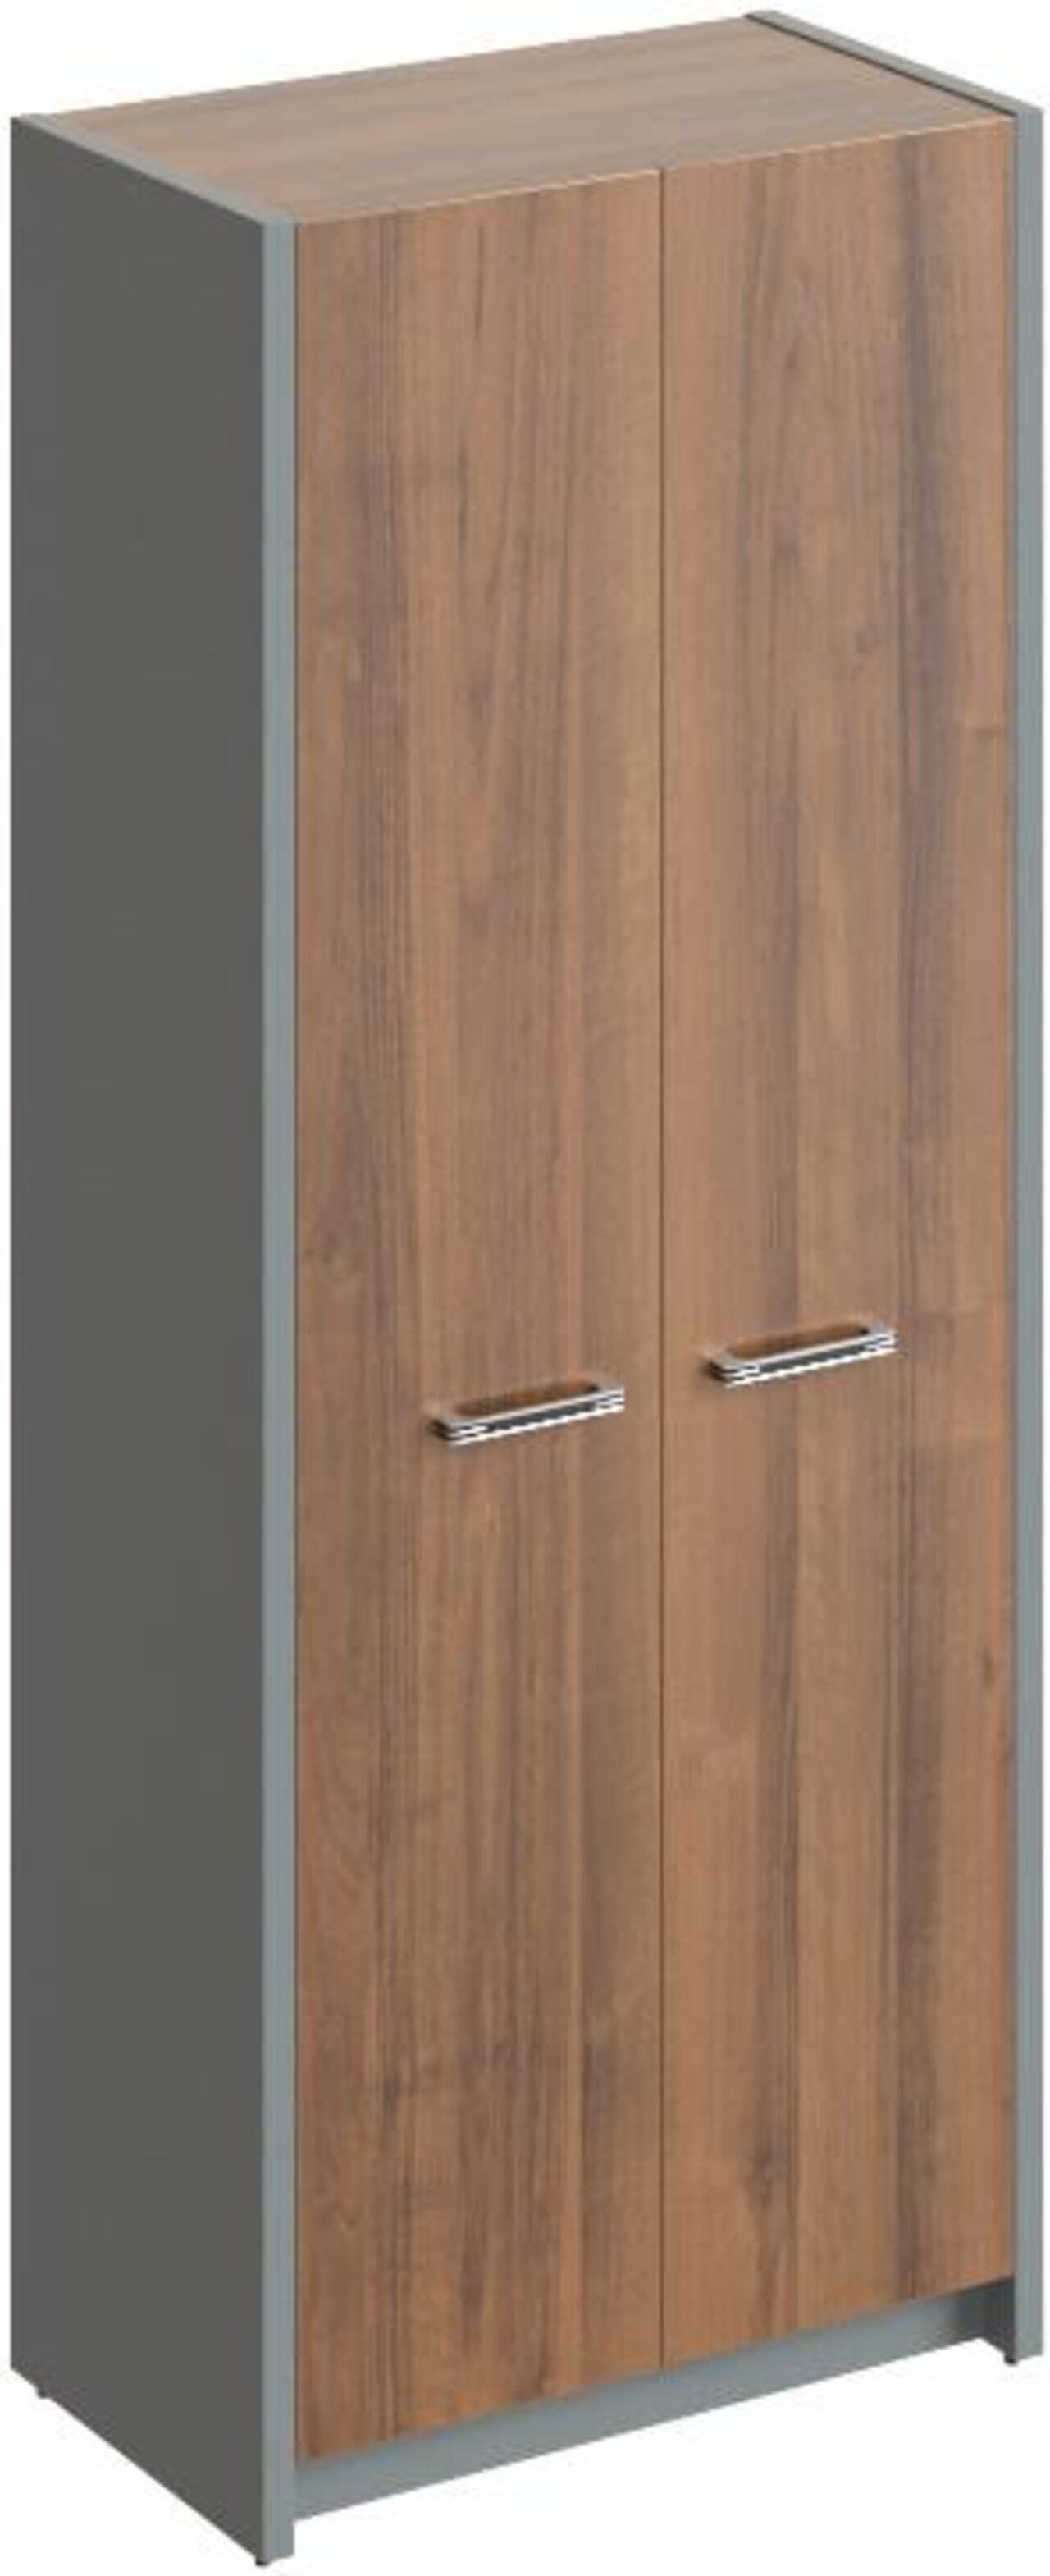 Шкаф для одежды с выдвижной штангой  Дельта 80x45x200 - фото 3